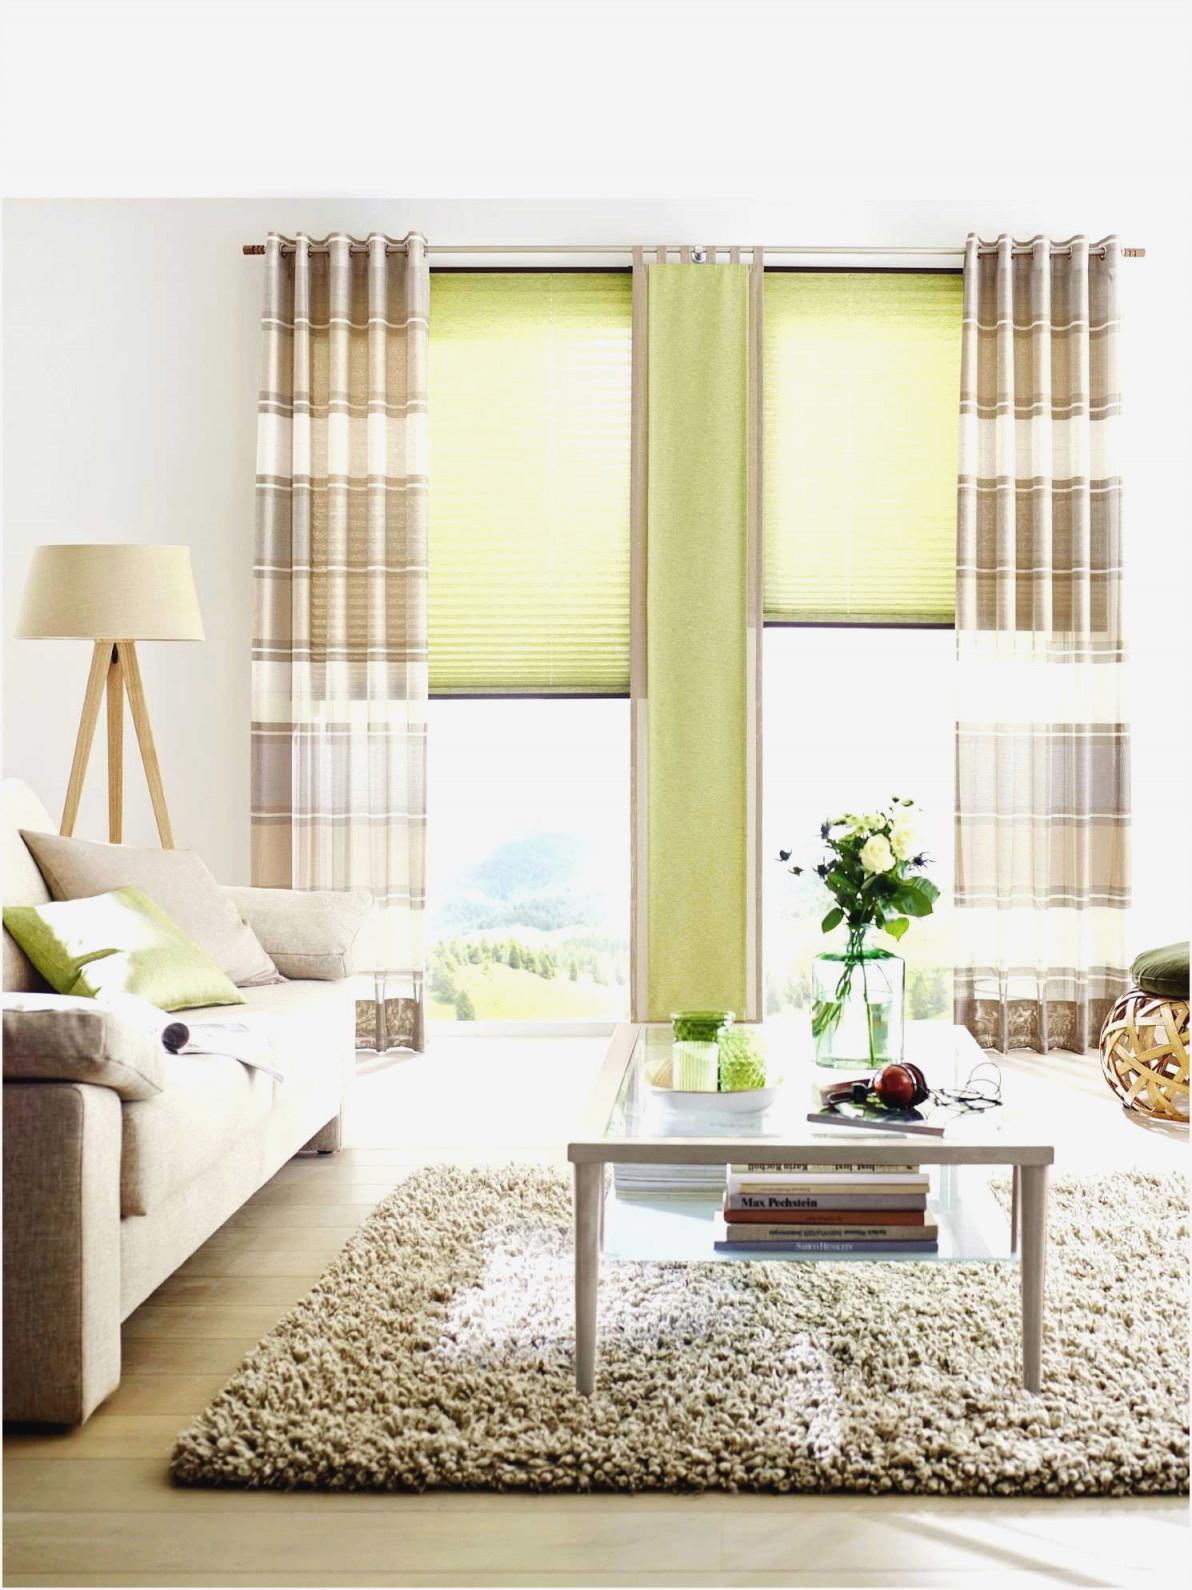 Gardinen Dekorationsvorschläge Wohnzimmer Modern von Gardinen Dekorationsvorschläge Wohnzimmer Modern Photo